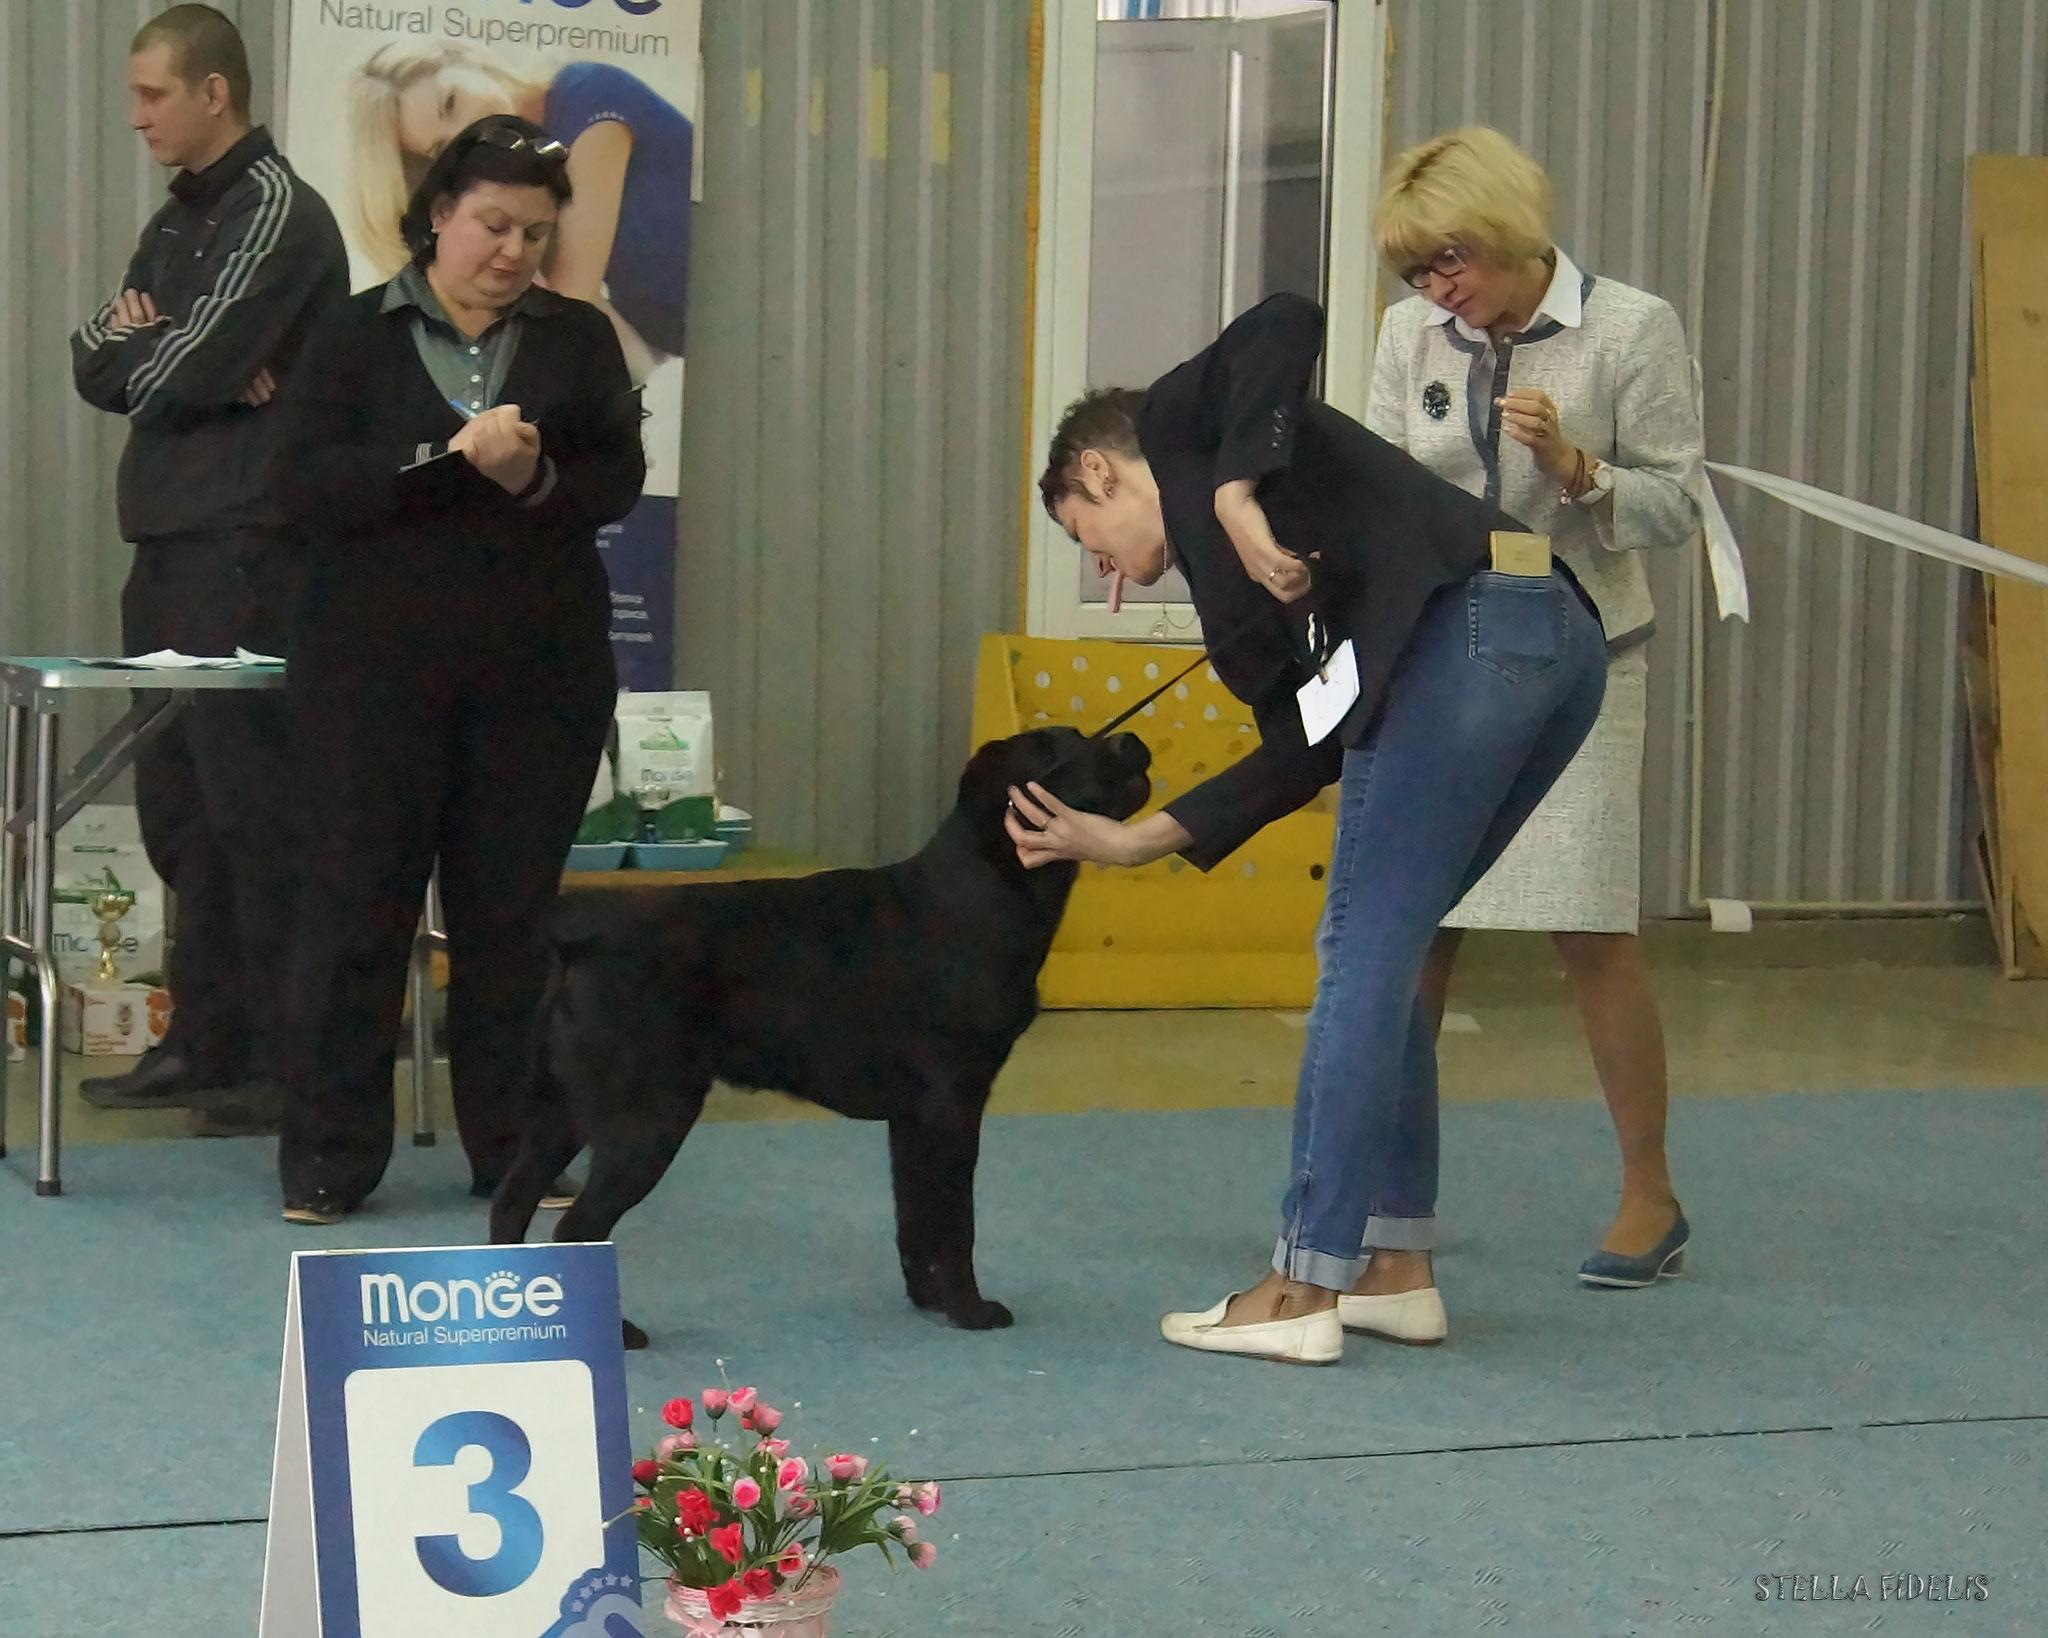 Шегги Доктор Нуф Нуф - лучший щенок монопородной выставки